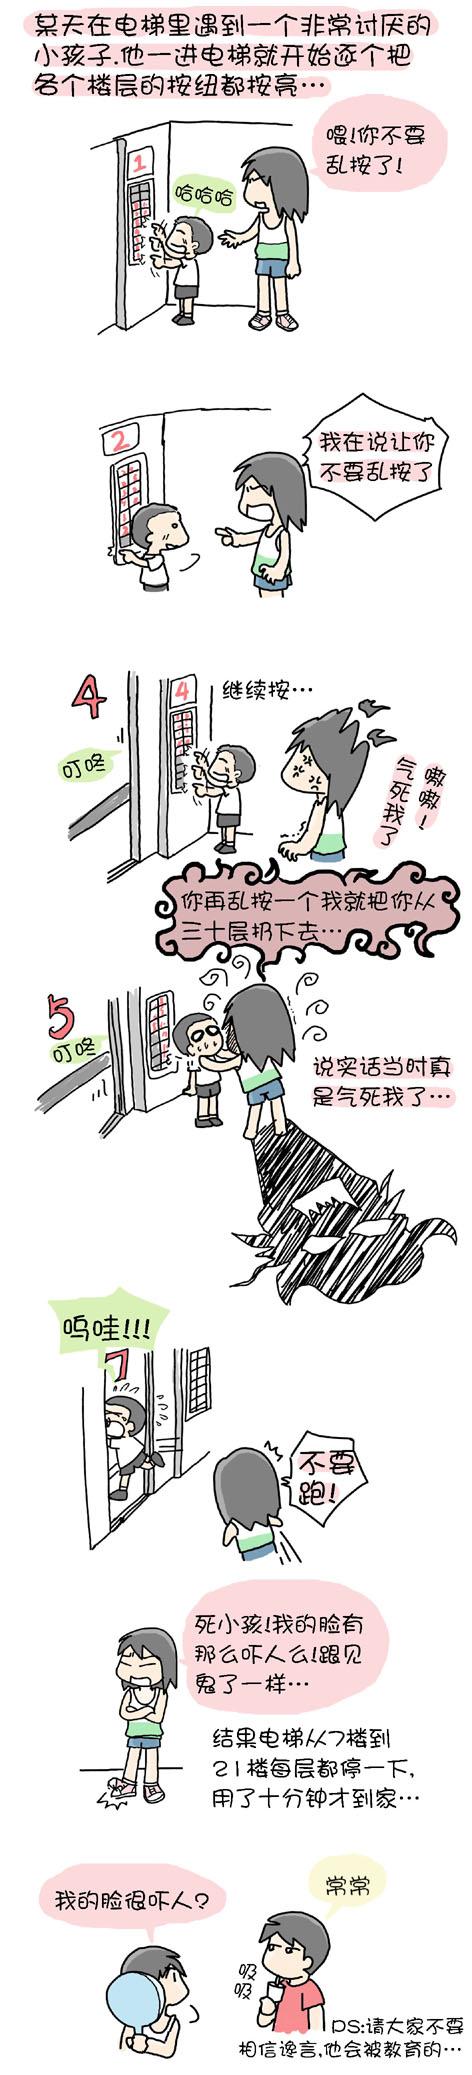 脸 - 小步 - 小步漫画日记